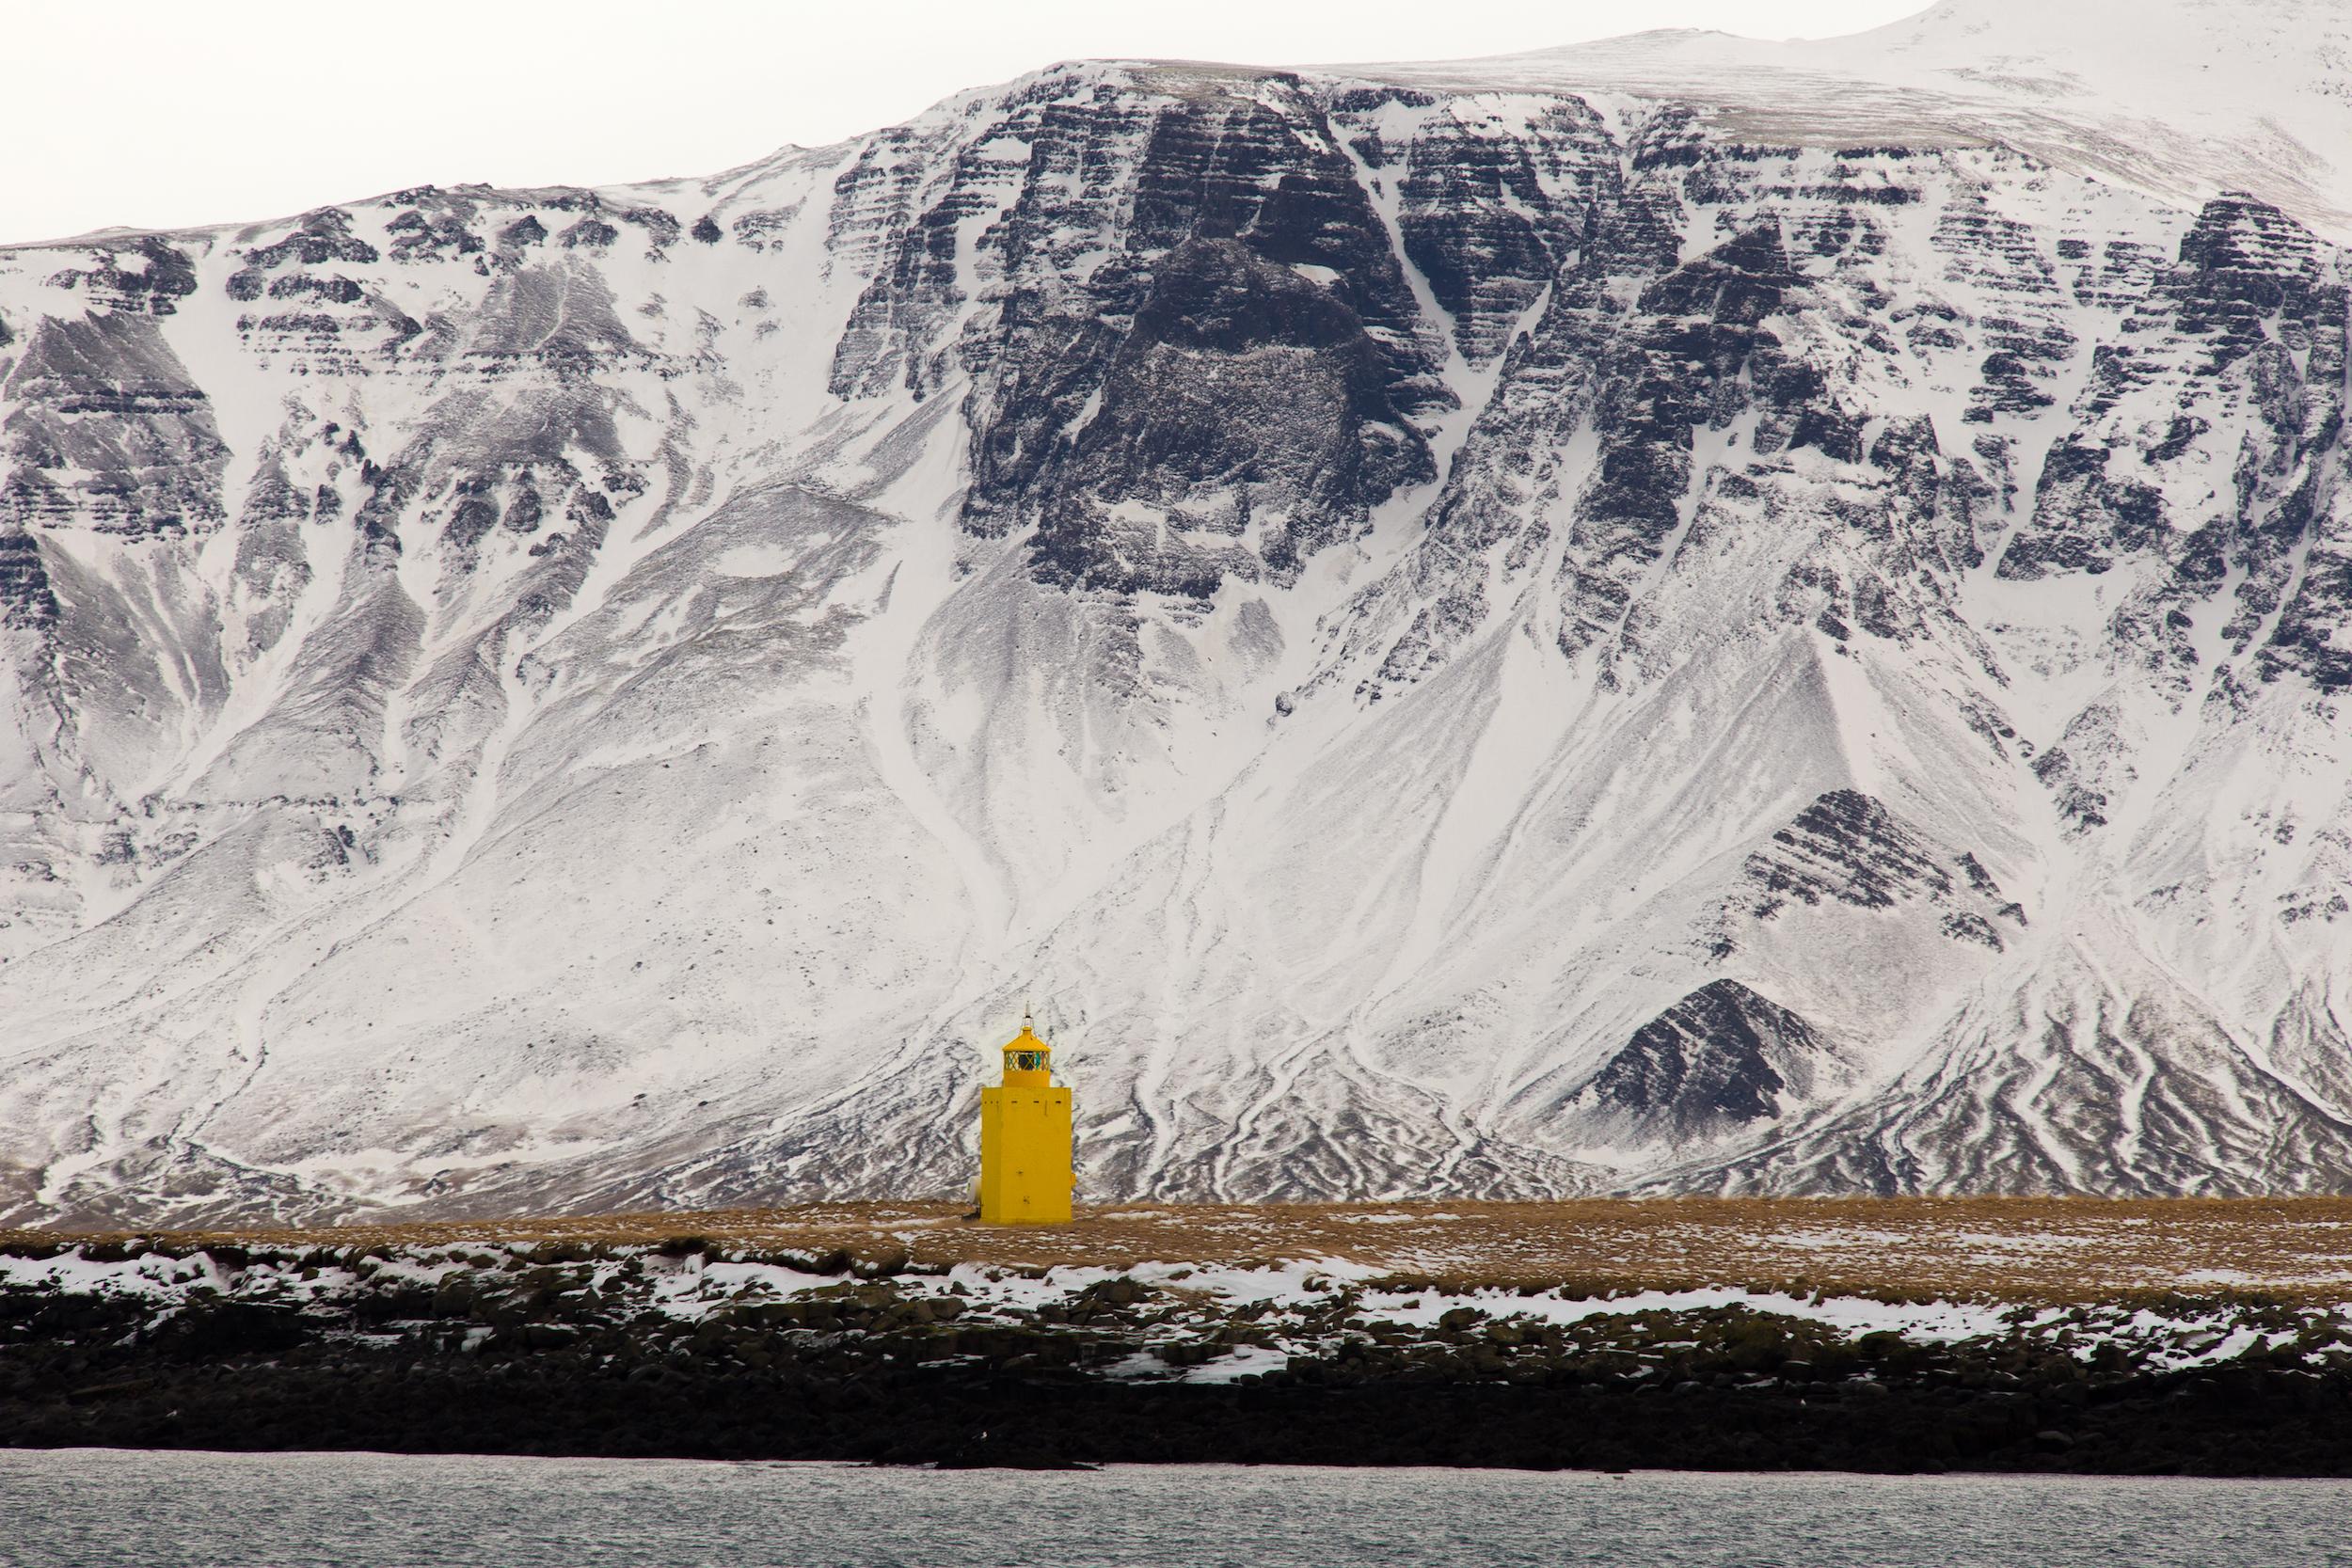 Reykjavíc harbour, Iceland